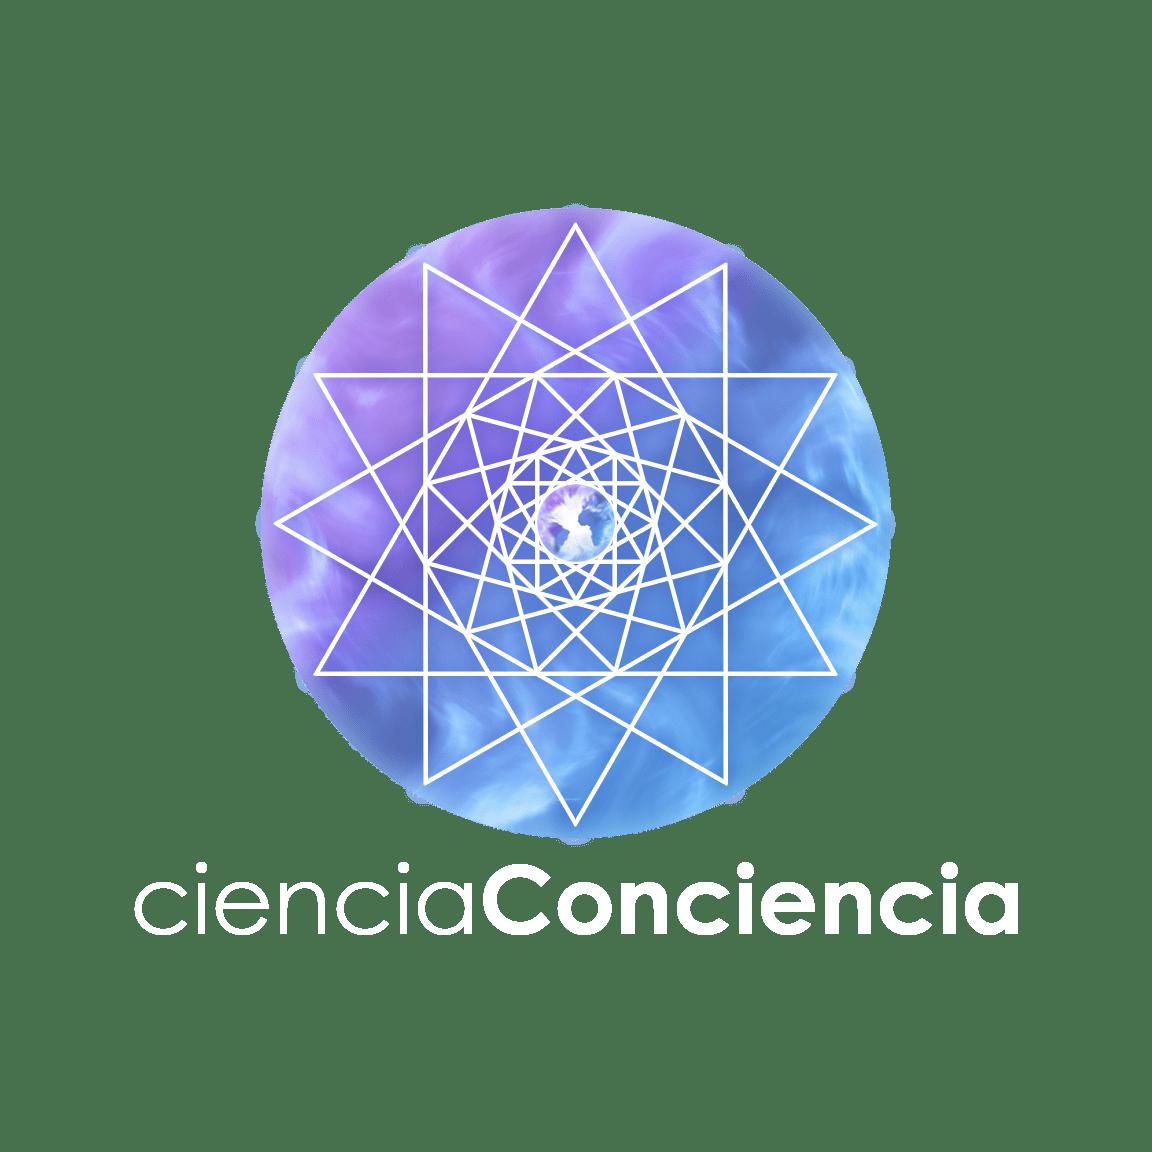 Logo cienciaConciencia Final Texto cienciaConciencia en Blanco